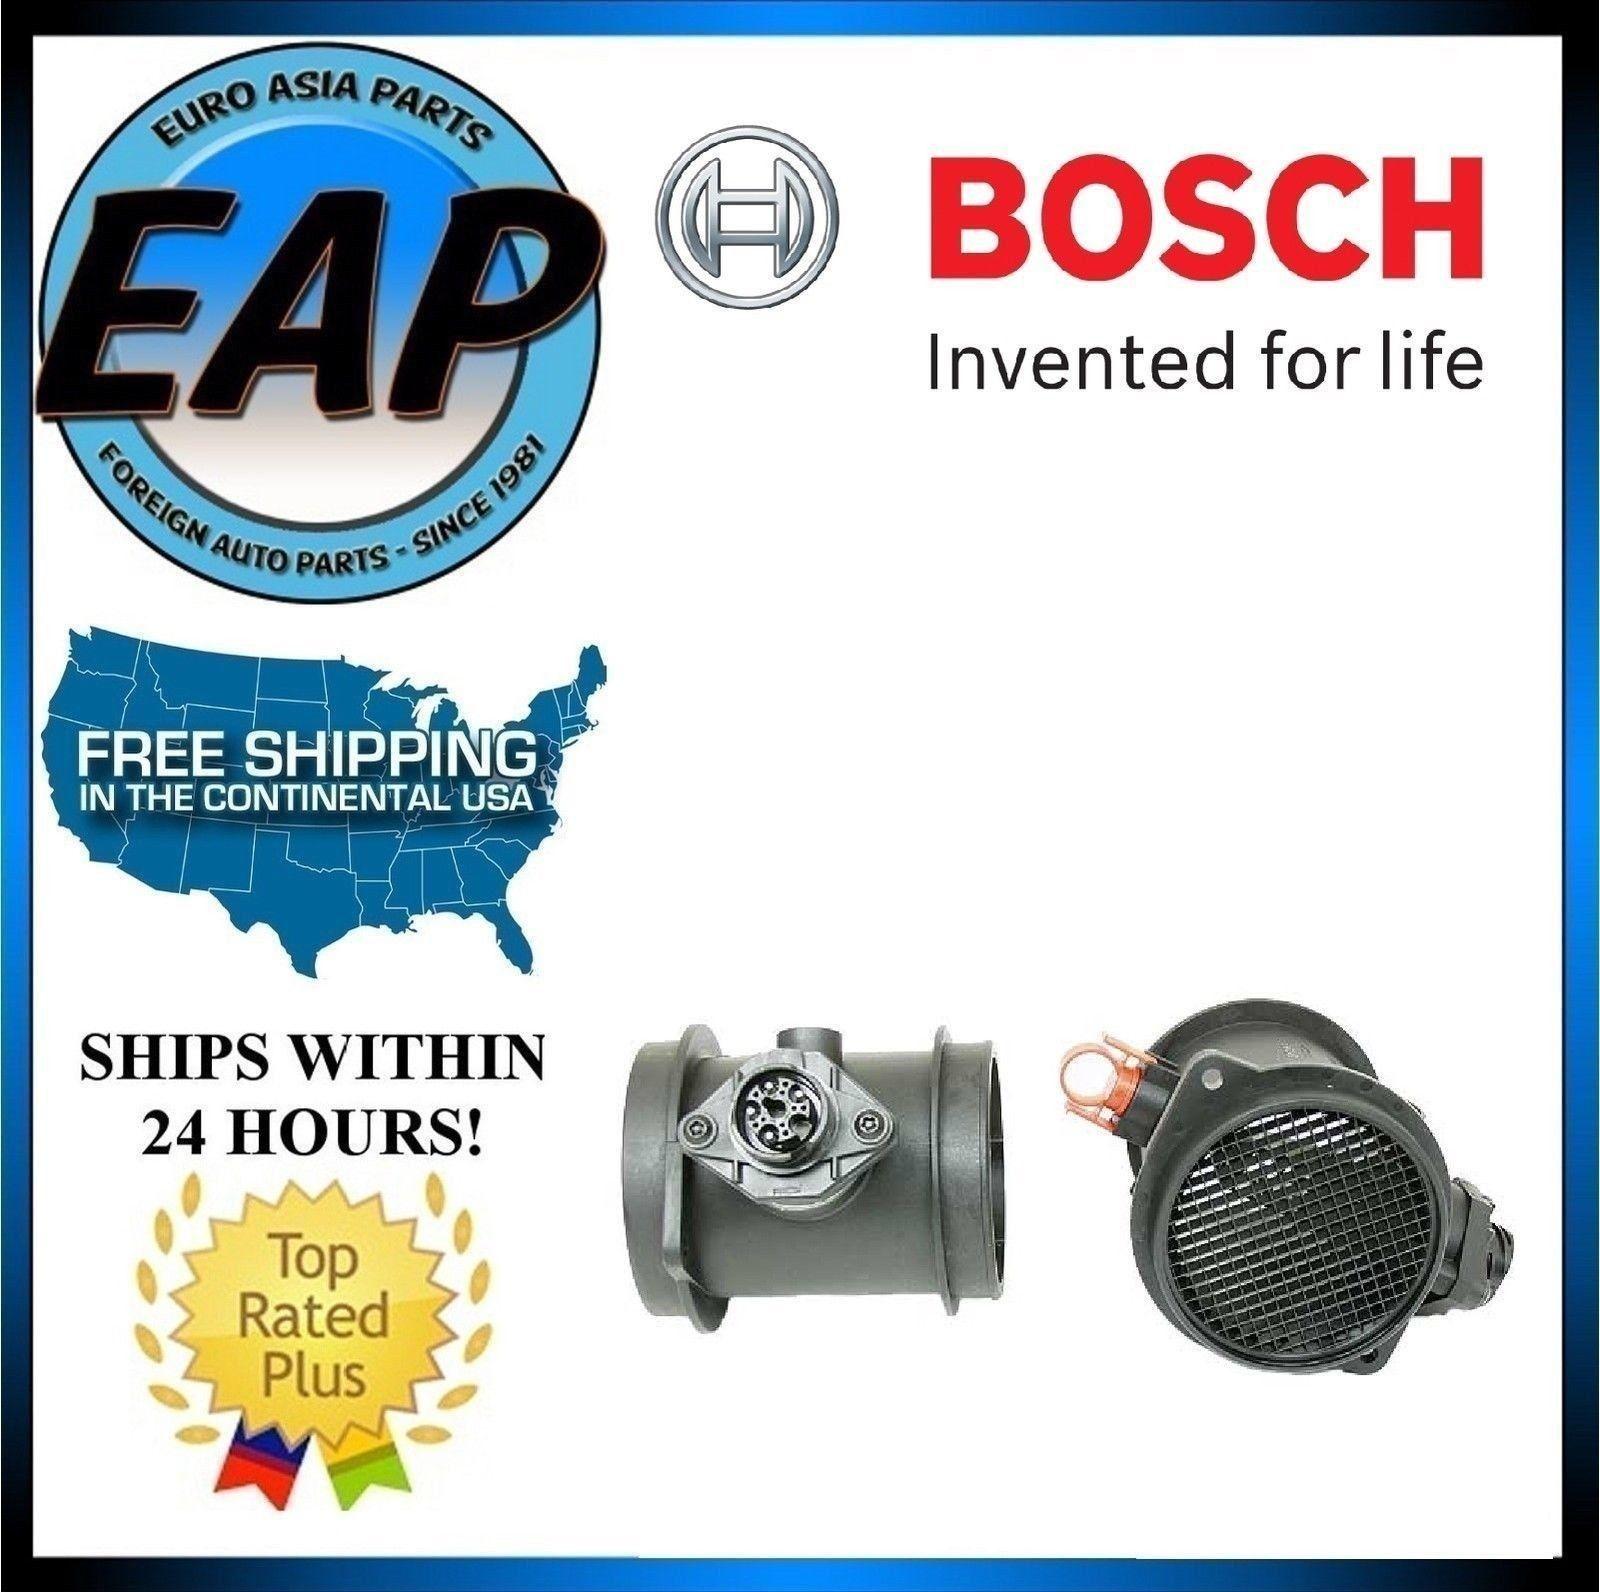 abe8f1c2-4c63-4adf-ab2d-12926459a3db_1997 benz mass air flow sensor.jpg